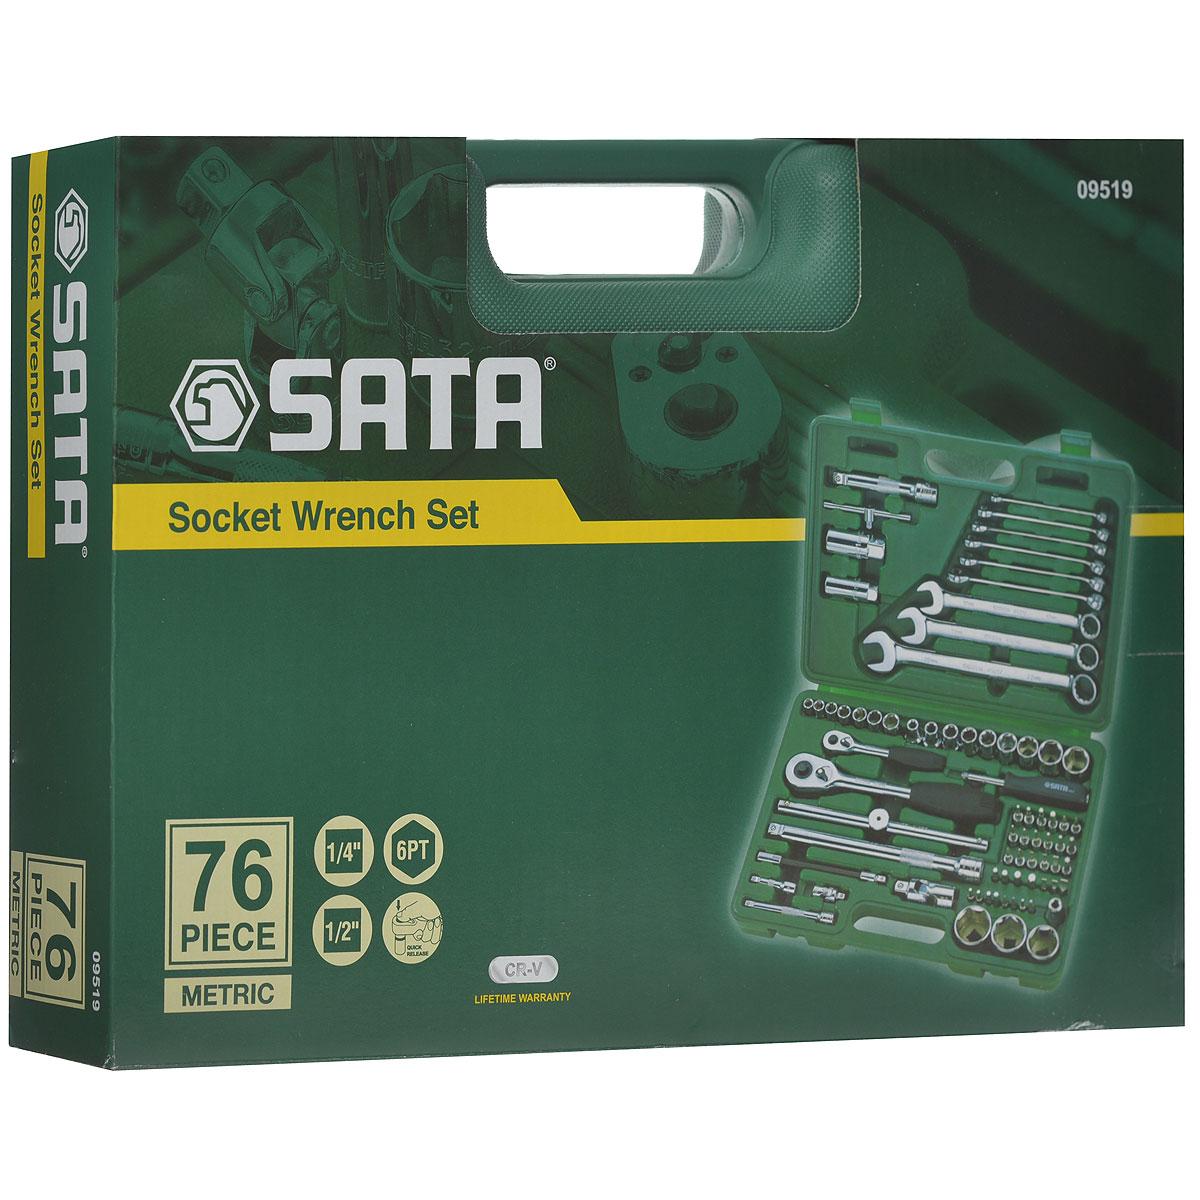 Набор инструментов SATA 76пр. 0951909519Набор инструментов Sata - это необходимый предмет в каждом доме. Он включает в себя 76 предметов, которые умещаются в небольшом пластиковом кейсе. Такой набор будет идеальным подарком мужчине. Состав набора: Биты шлицевые: 8 мм, 10 мм, 12 мм.Биты POZI: PZ1, PZ4.Биты Phillips: РН3, РН4.Биты TORX: Т40, T45, T50, T55.Биты HEX: 9 мм, 10 мм, 12 мм, 14 мм.Ключ свечной 1/2: 16 мм.Ключ свечной 1/2: 21мм.Биты шлицевые с хвостовиком под ключ 1/4: 4 мм, 5,5 мм, 6,5 мм.Биты POZI с хвостовиком под ключ 1/4: PZ1, PZ2.Биты Phillips с хвостовиком под ключ 1/4: PH1, PH2.Биты TORX с хвостовиком под ключ 1/4: Т8, T10, T15, T20, T25, T30, T40.Биты HEX с хвостовиком под ключ 1/4: 3 мм, 4 мм, 5 мм, 6 мм.Привод 1/2.Рукоятка реверсивная 1/2.Удлинитель 1/2: 125мм.Удлинитель 1/2: 250 мм.Вороток 1/2: 250 мм.Шарнир карданный 1/2.Адаптер для битов 1/2.Головки торцевые шестигранные 1/4: 8 мм, 9 мм, 10 мм, 11 мм, 12 мм, 13 мм, 14 мм.Головки торцевые шестигранные 1/2: 8 мм, 10 мм, 12 мм, 13 мм, 14 мм, 17 мм, 19 мм, 22 мм, 24 мм, 27 мм, 30 мм, 32 мм.Ключи комбинированные: 8 мм, 10 мм, 11 мм, 12 мм, 13 мм, 14 мм, 17 мм, 19 мм, 22 мм.Привод 1/4.Рукоятка реверсивная 1/4.Удлинитель 1/4: 50 мм.Удлинитель 1/4: 100 мм.Вороток 1/4: 100 мм.Рукоятка отверточная 1/4.Шарнир карданный 1/4.Удлинитель гибкий 1/4: 150 мм.